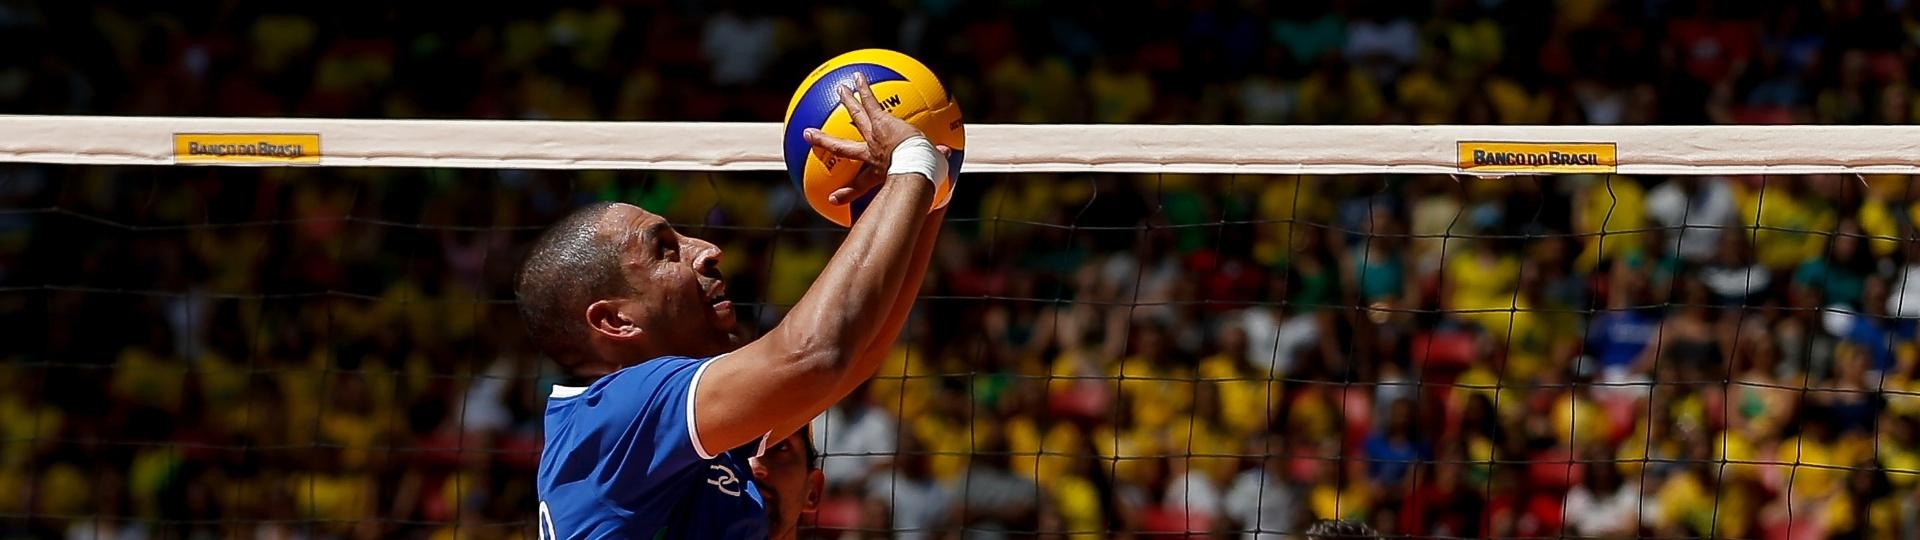 Serginho faz levantamento em sua despedida da seleção brasileira de vôlei